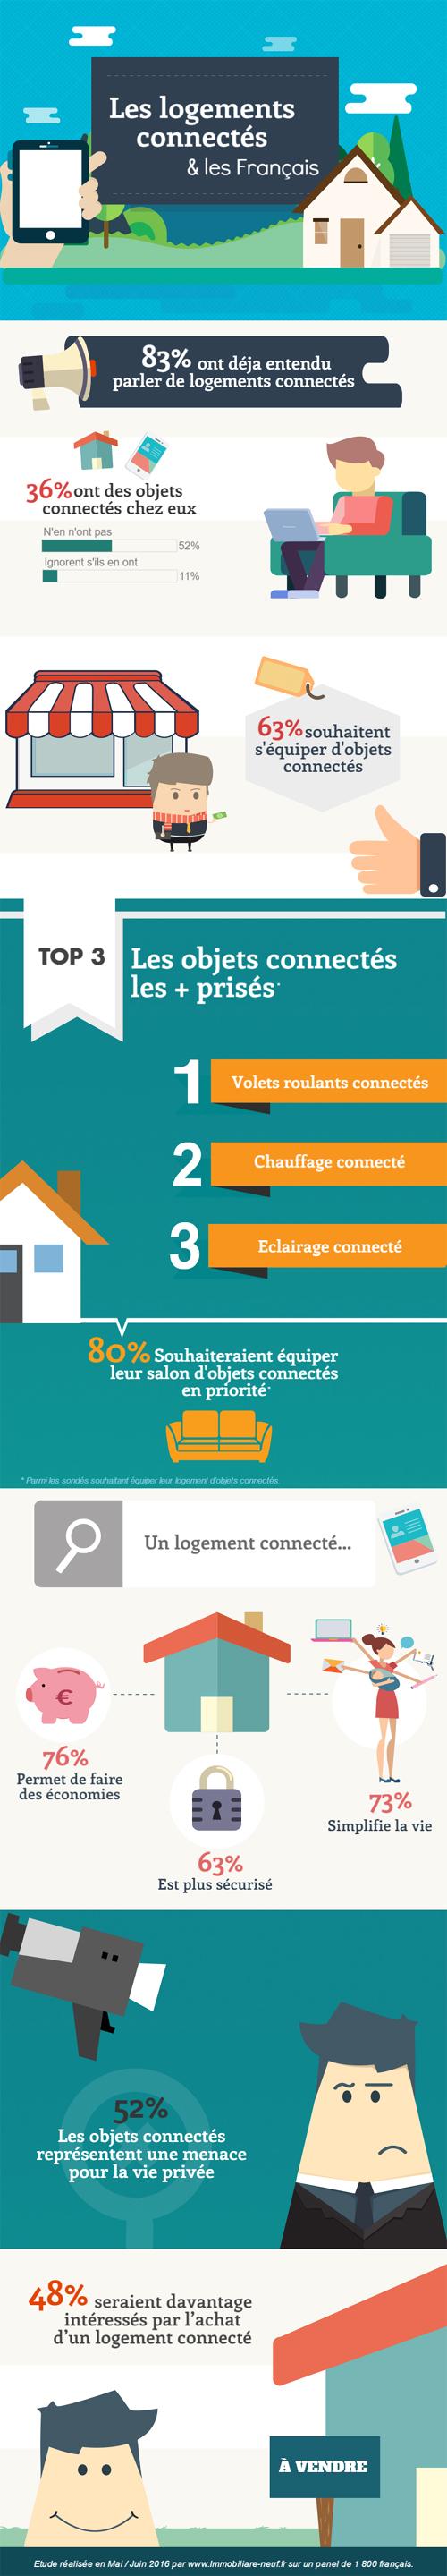 Les français, sont-ils prêts à installer des objets connectés à leurs logements ?